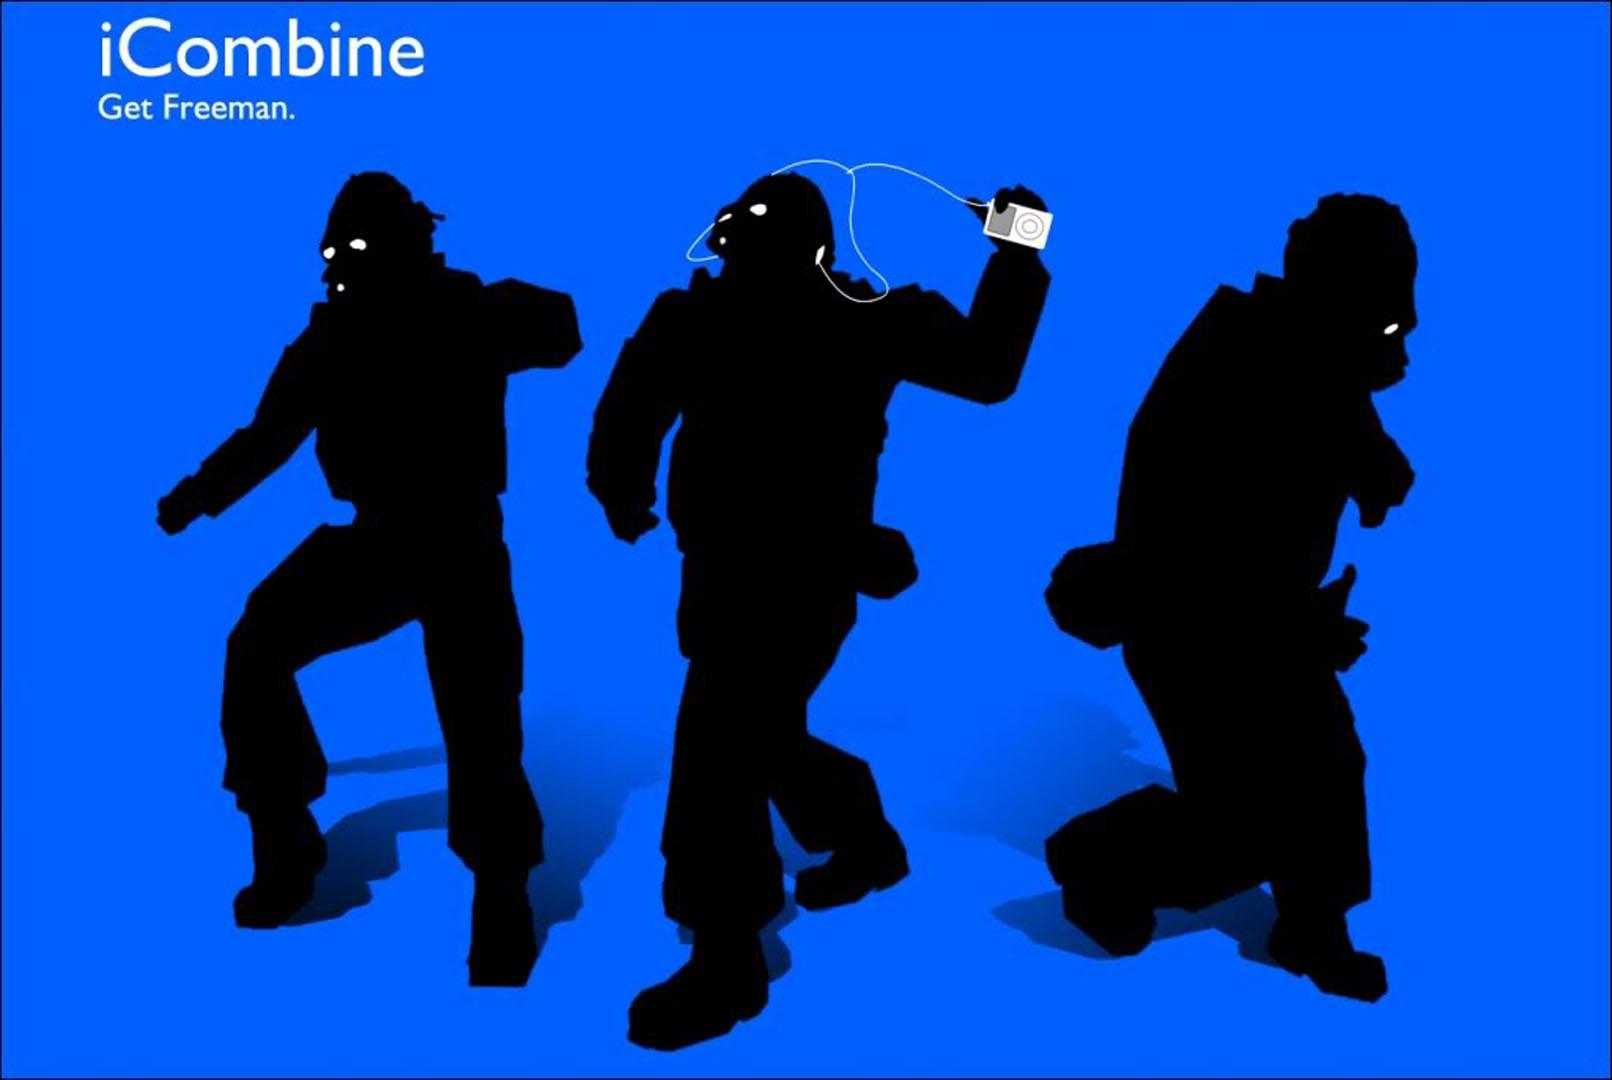 Icombine Get Freeman - Half Life 2 Wallpaper